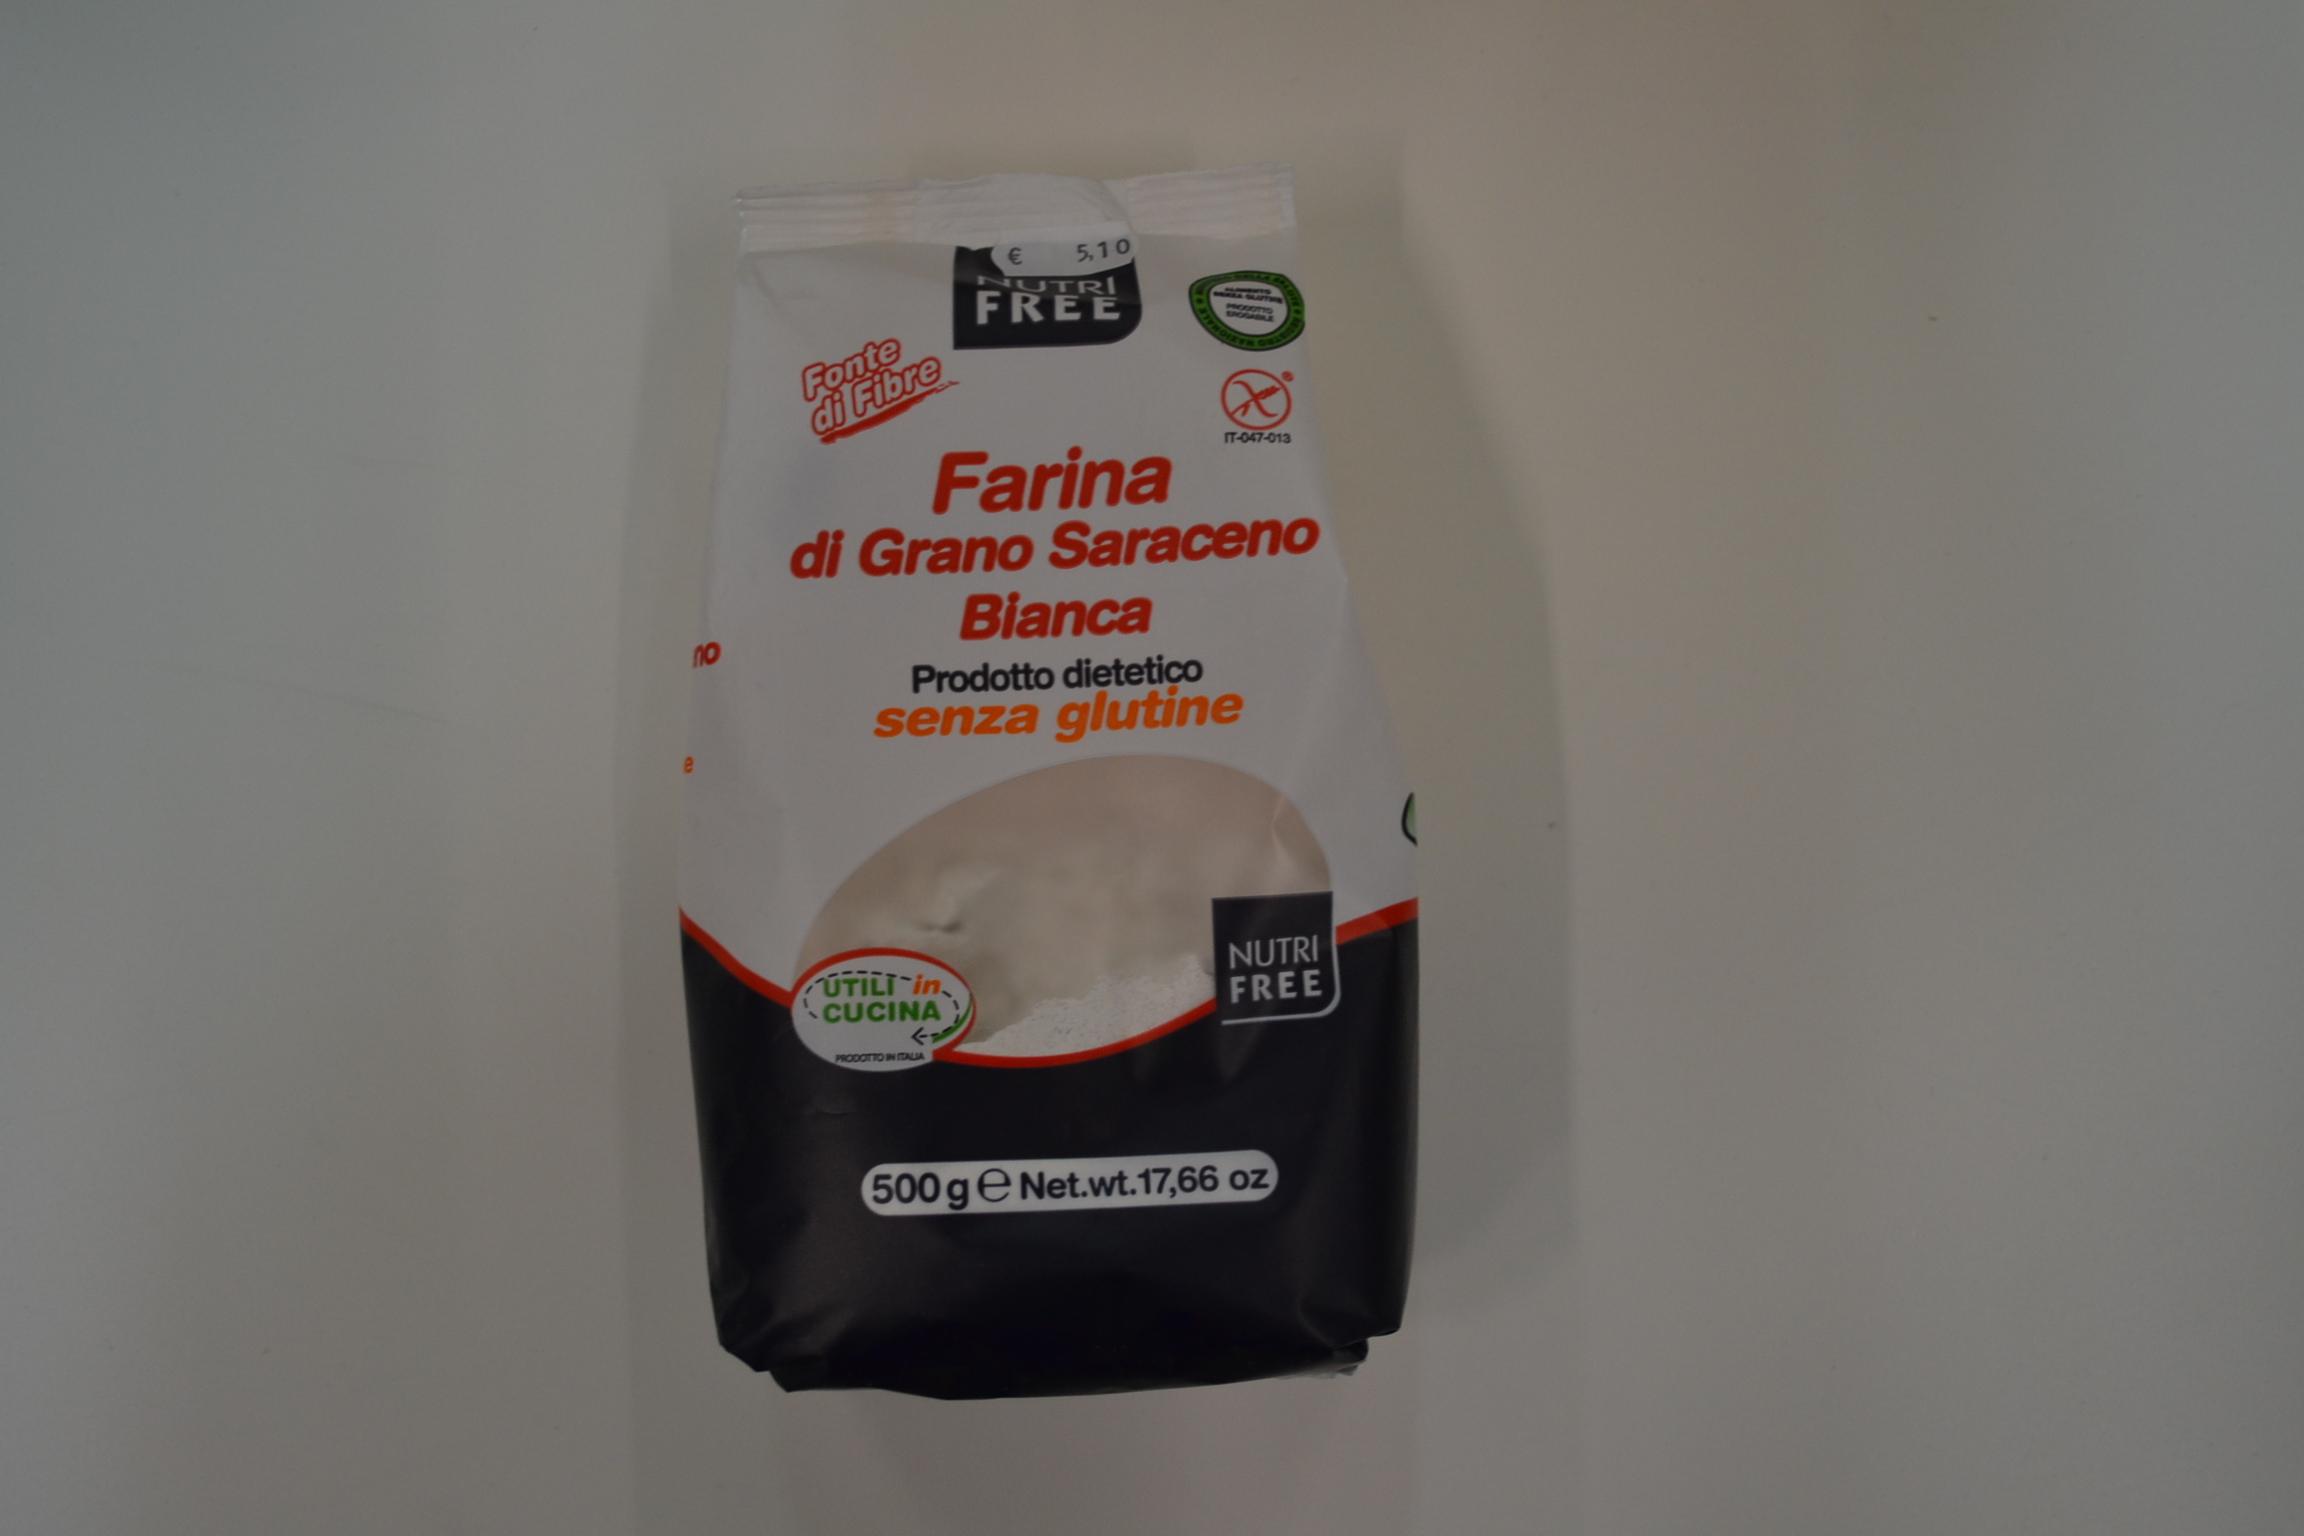 Farina di grano saraceno bianca NUTRI FREE € 5,10